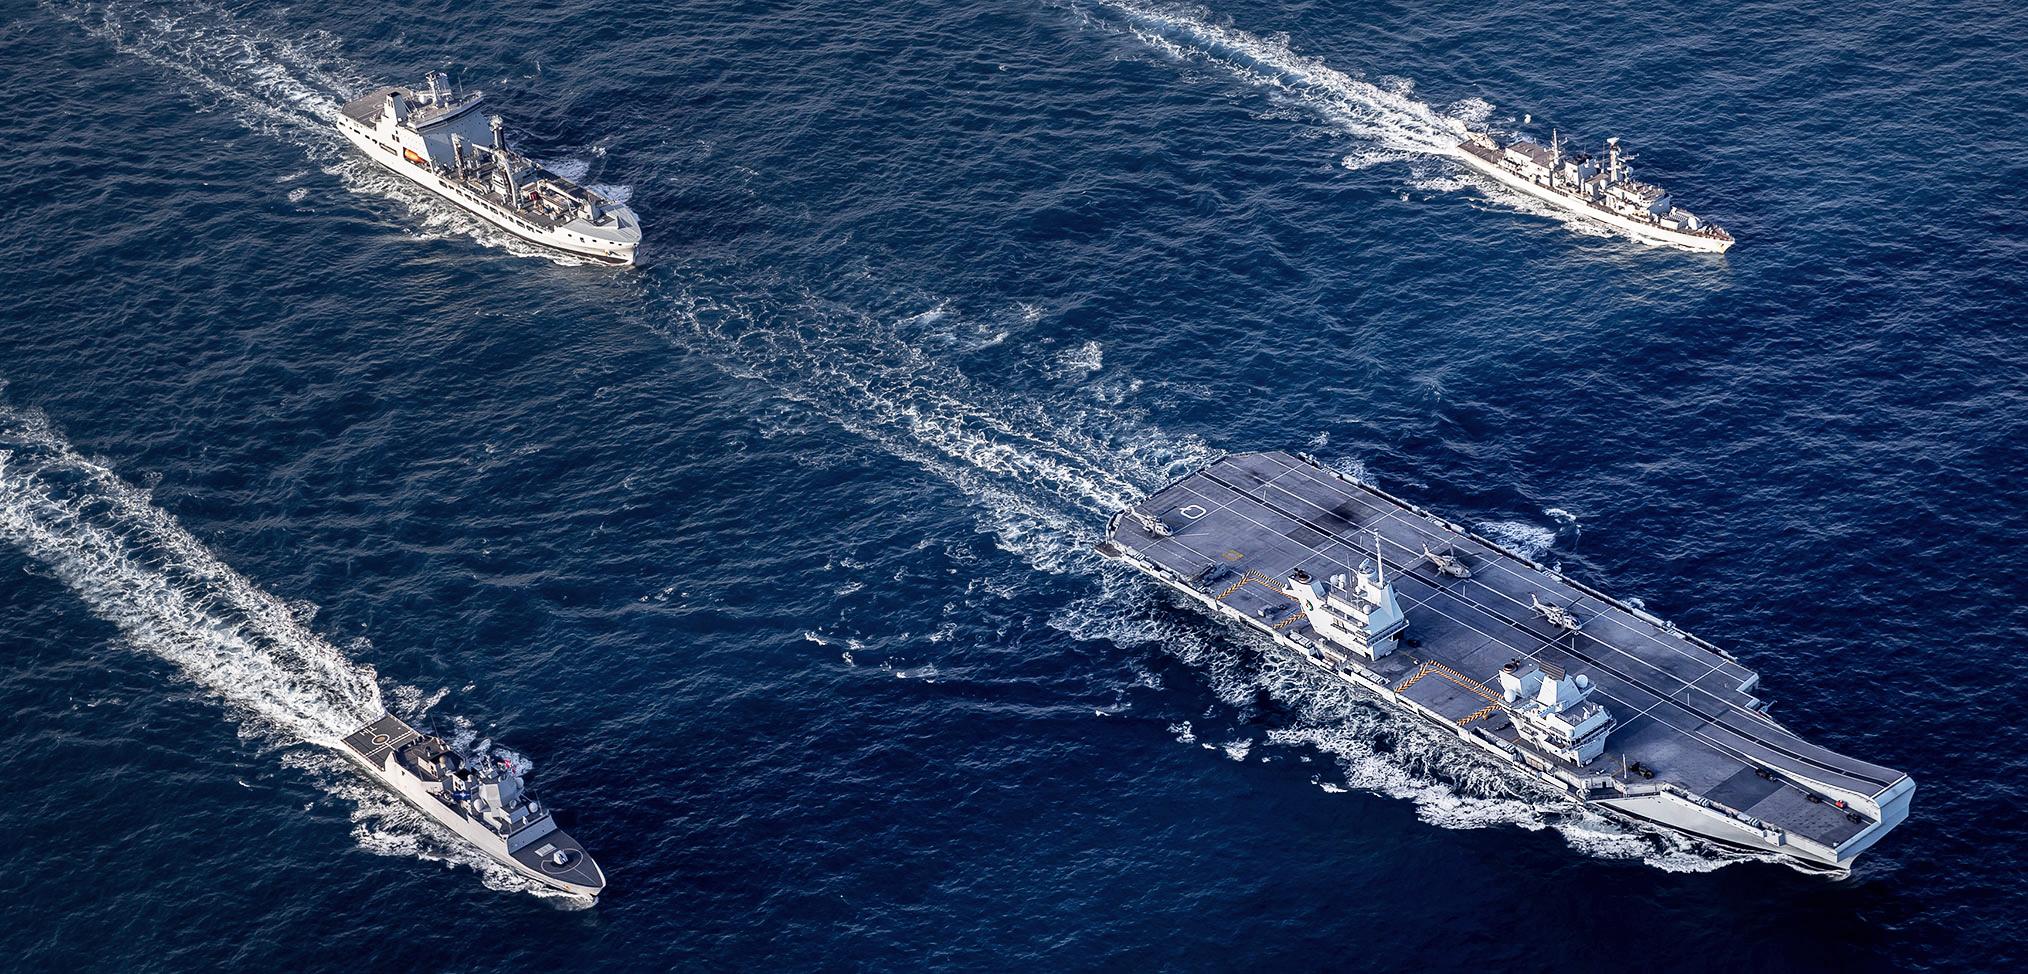 UK Carrier Strike Group